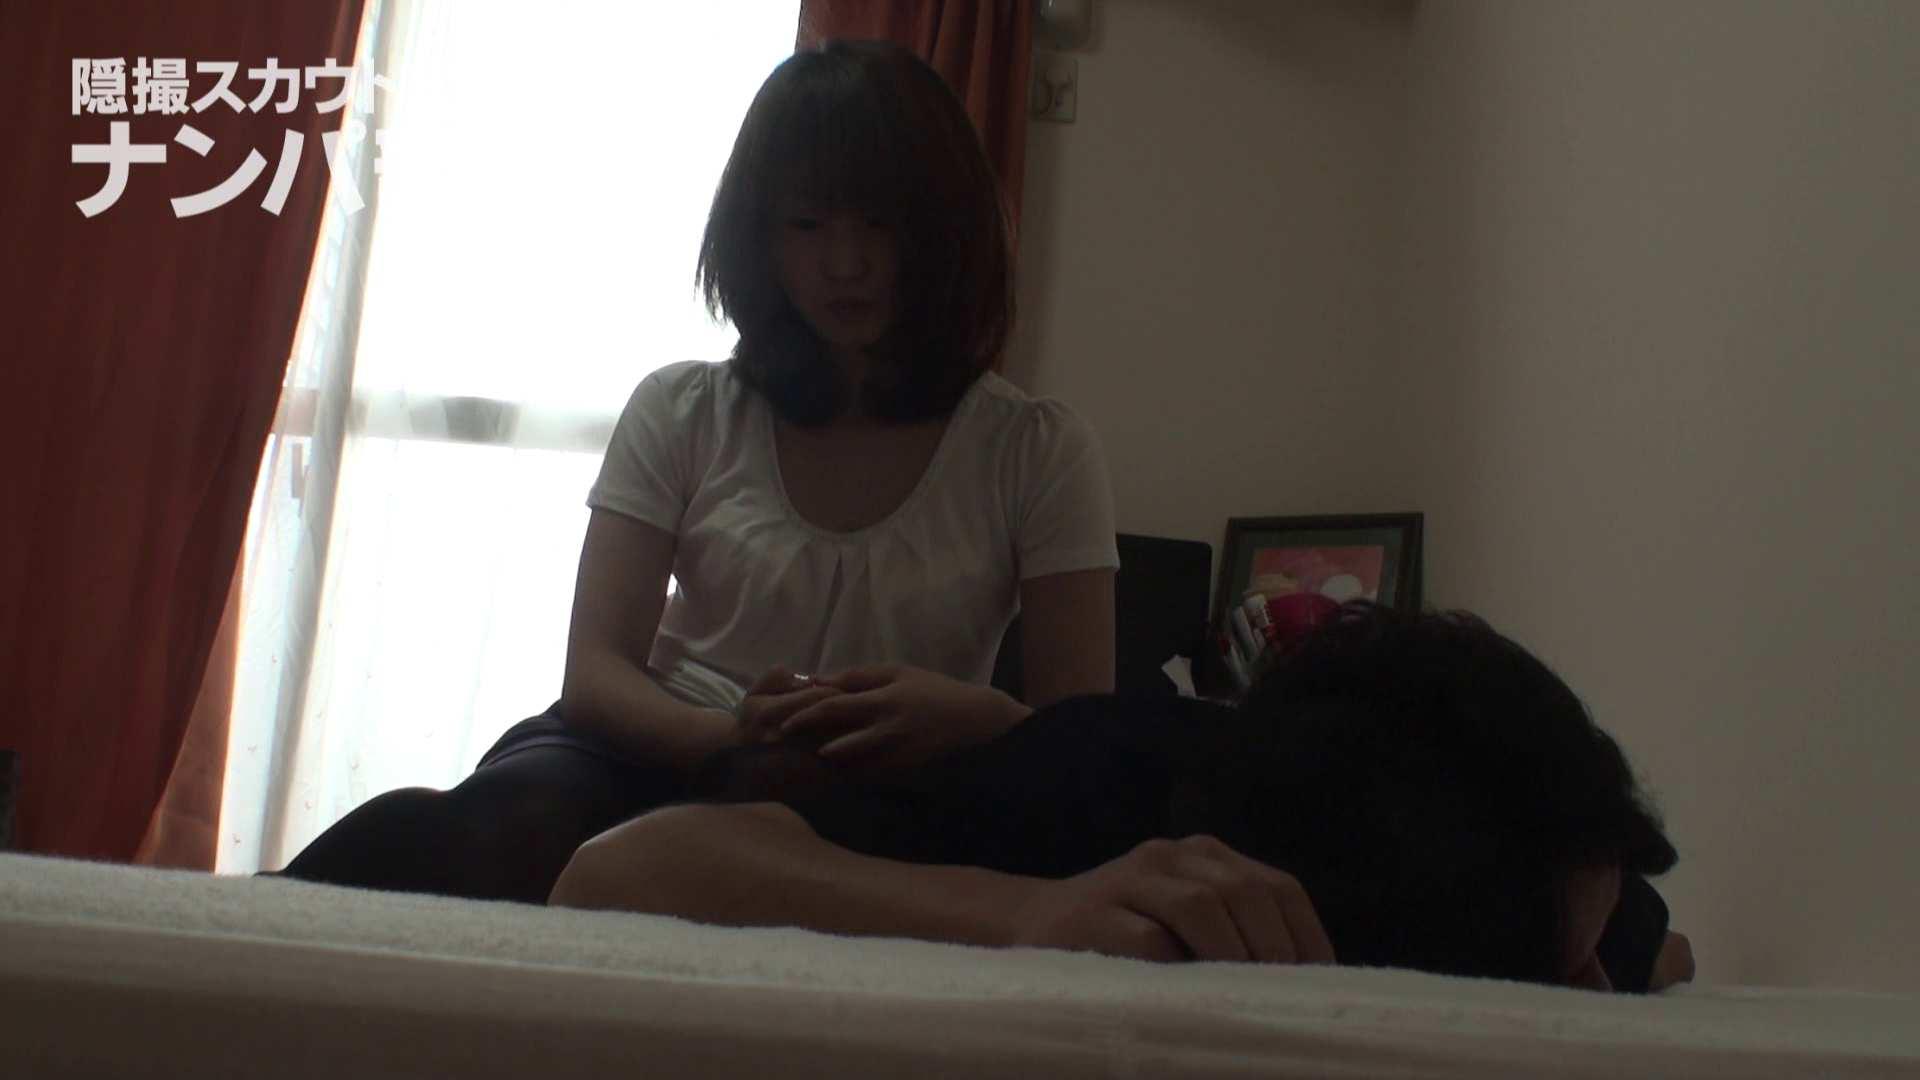 隠撮スカウトマンのナンパ部屋~風俗デビュー前のつまみ食い~ siivol.2 ナンパ  43連発 6